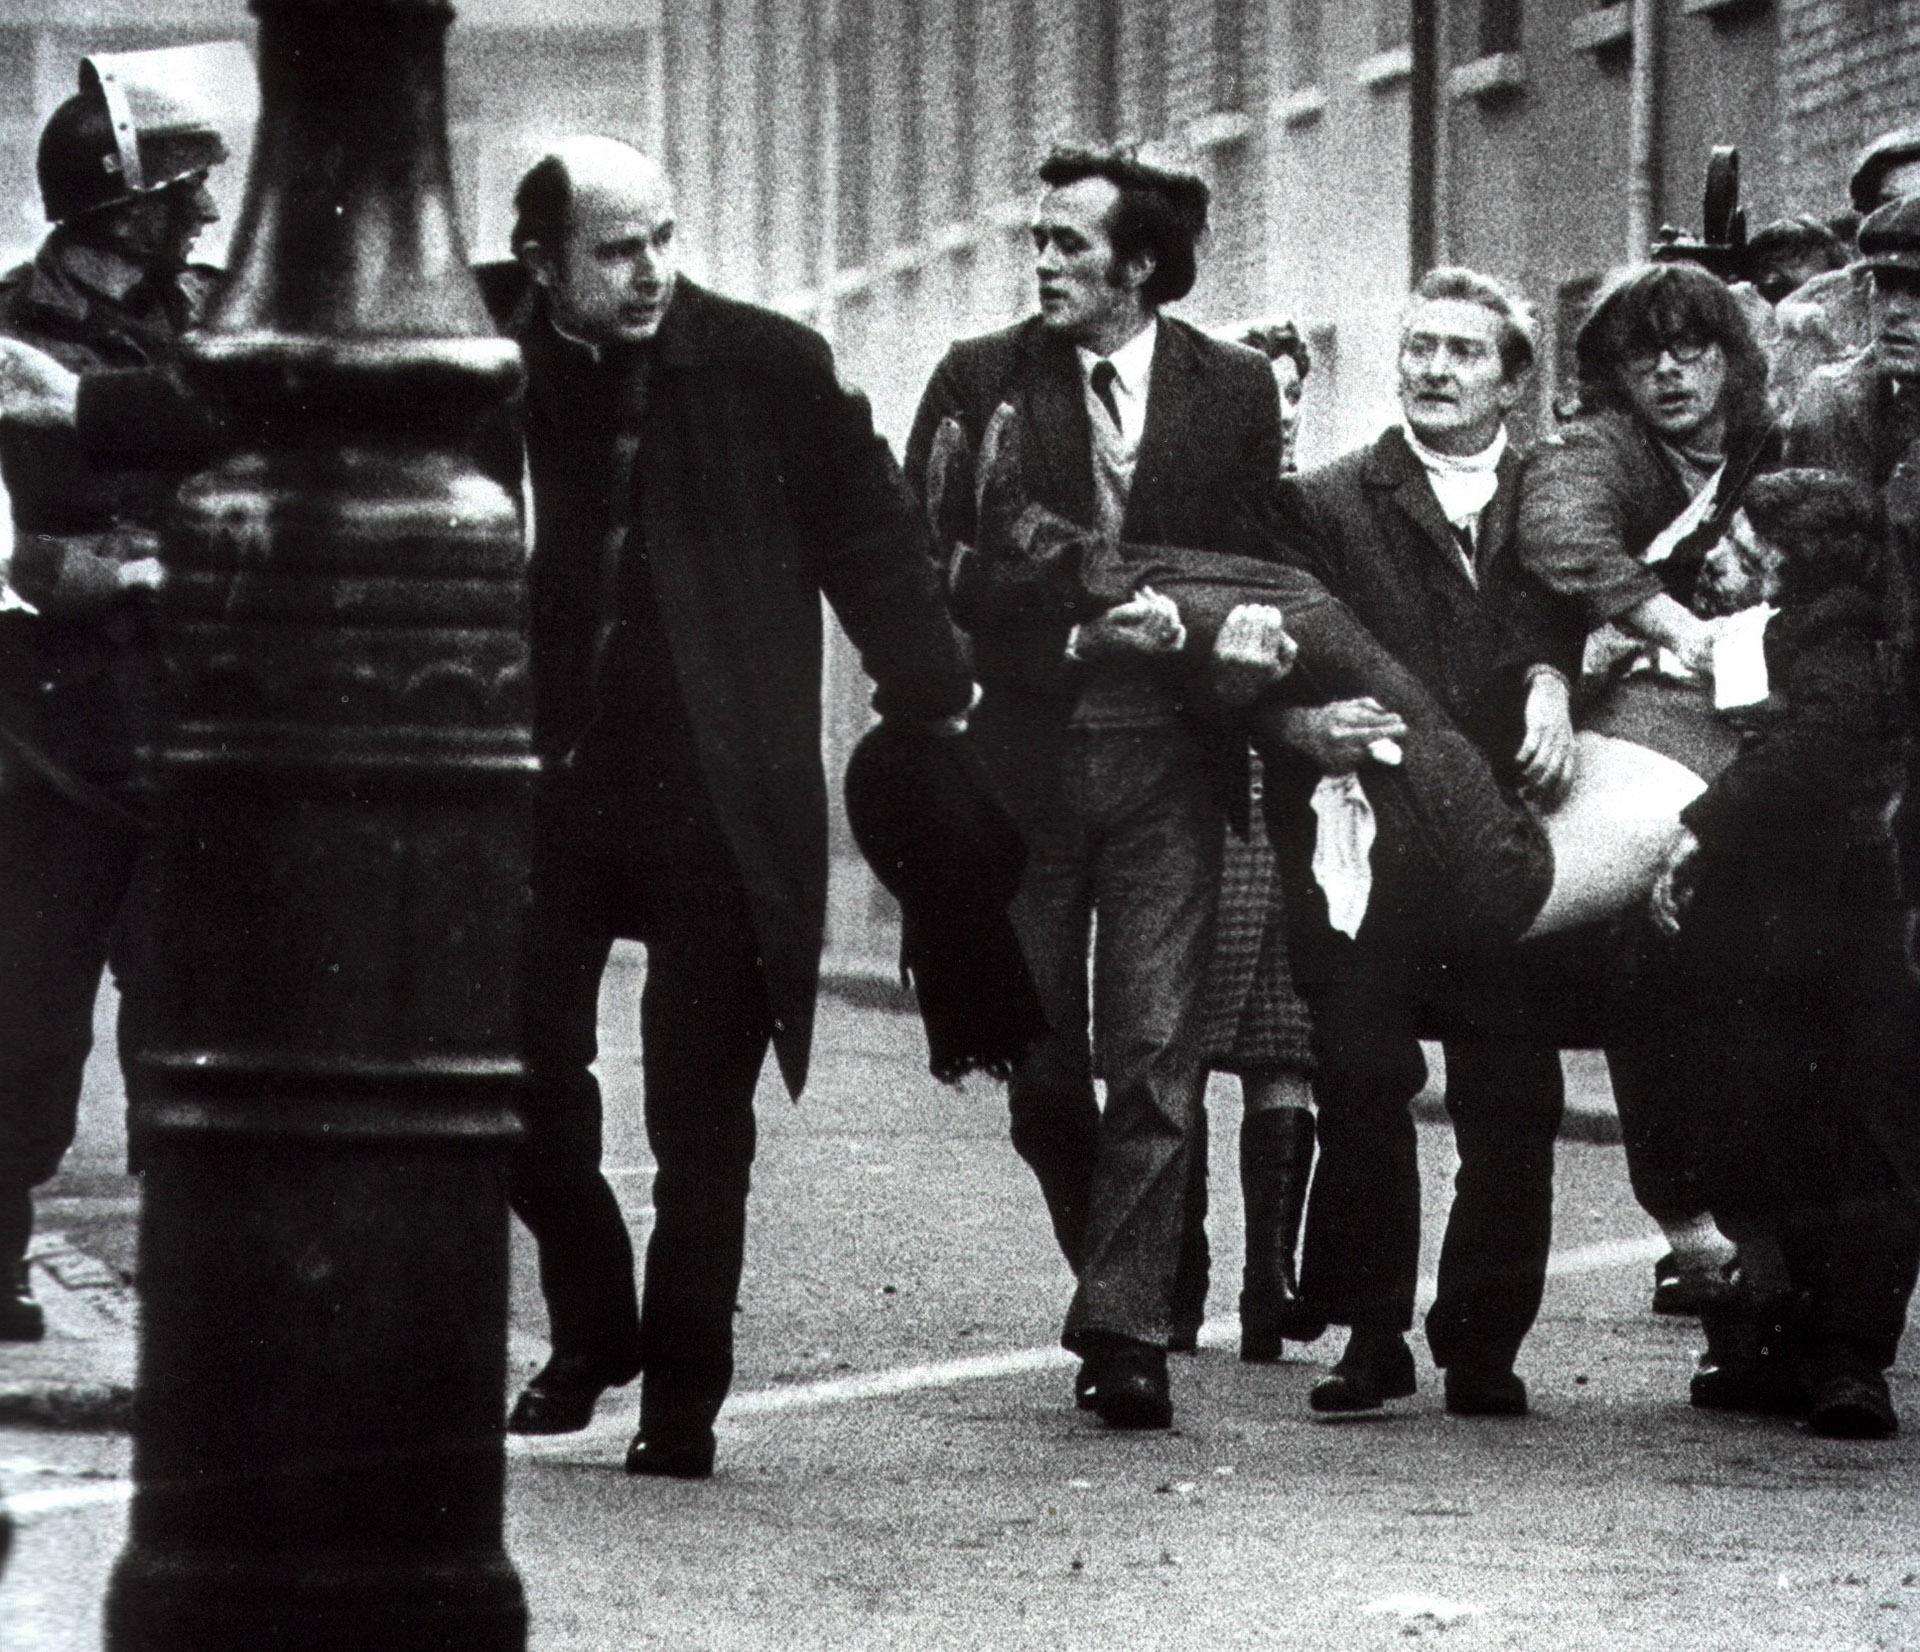 Cerca de 3.600 personas murieron en Irlanda del Norte durante el período conocido como The Troubles, entre 1968 y 1998